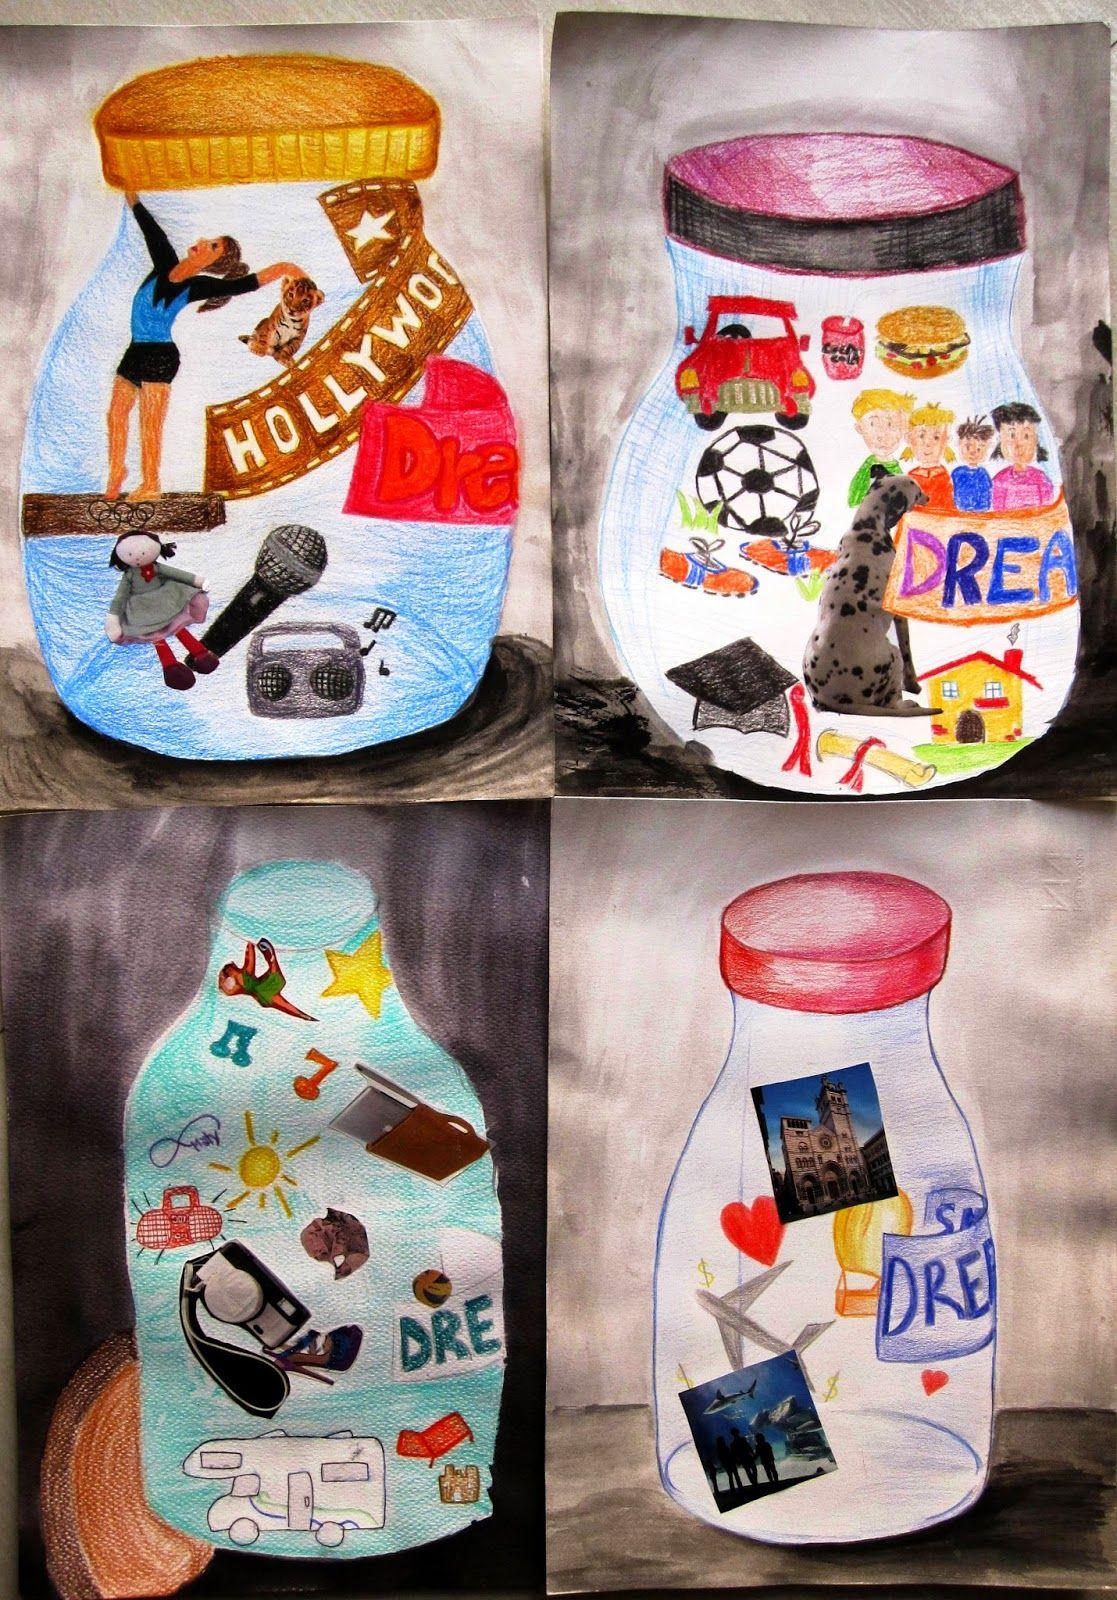 8th grade, my dreams in a jar